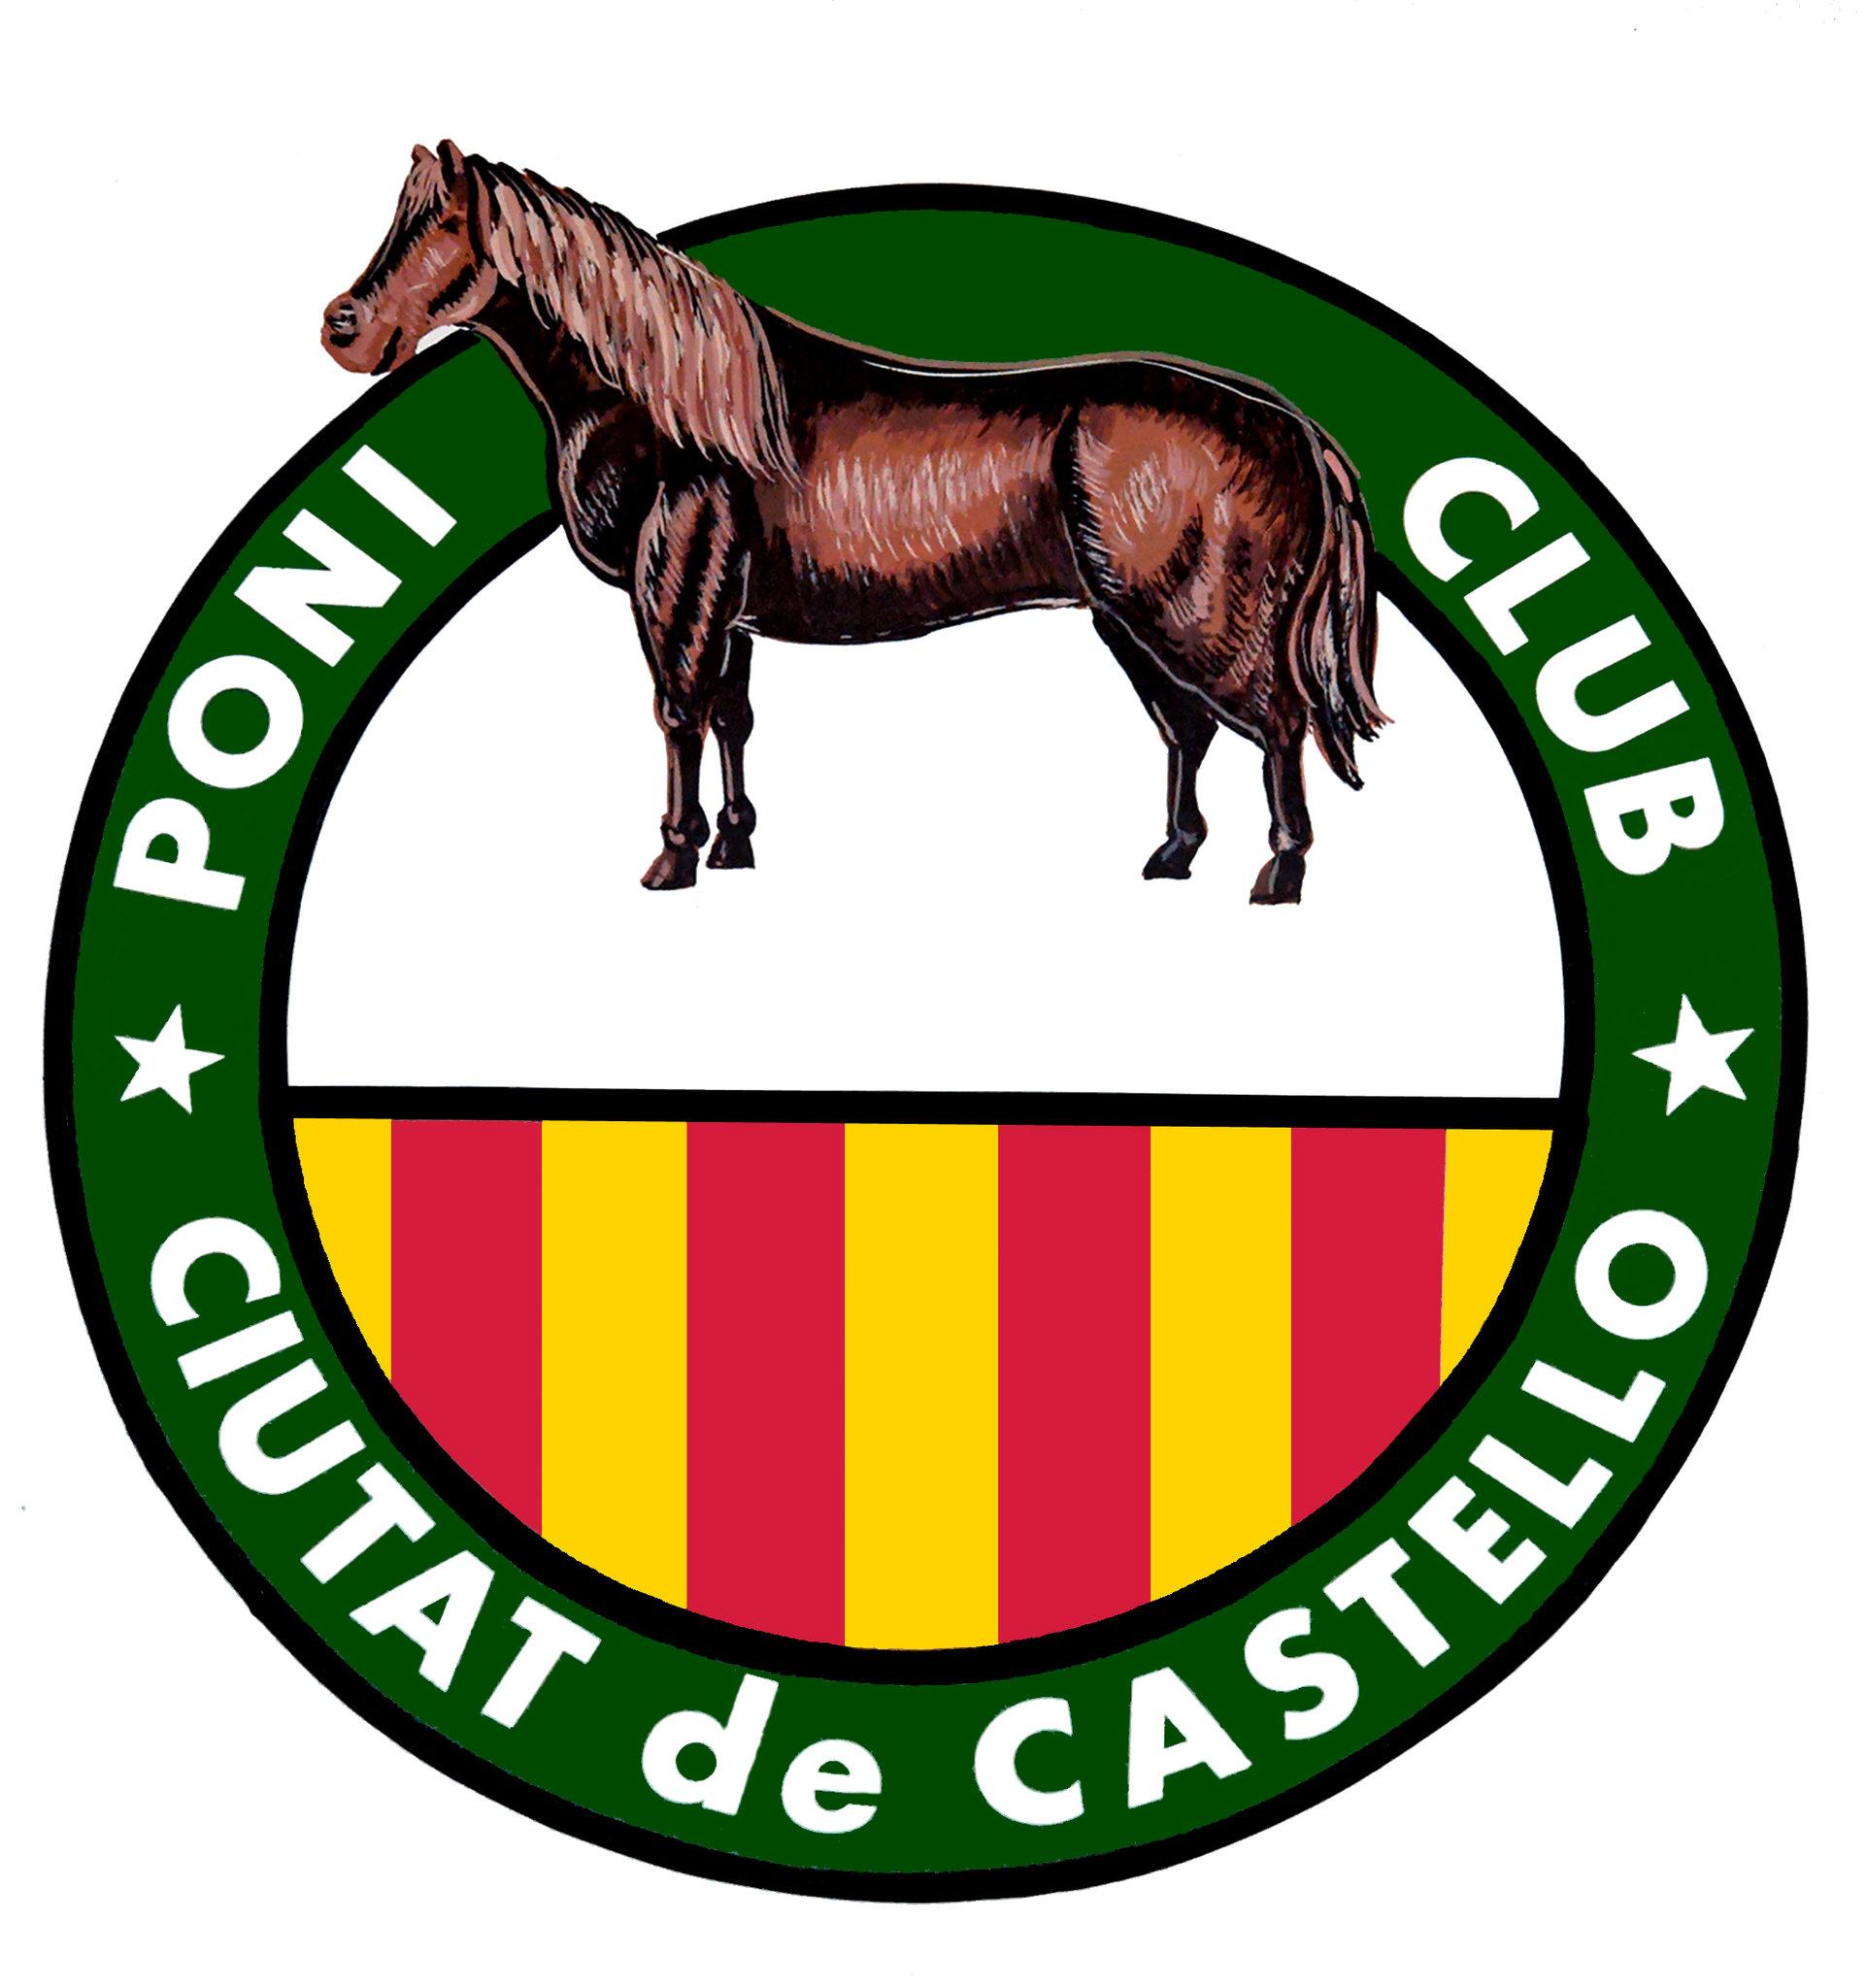 Hípica Poni Club Ciutat de Castelló